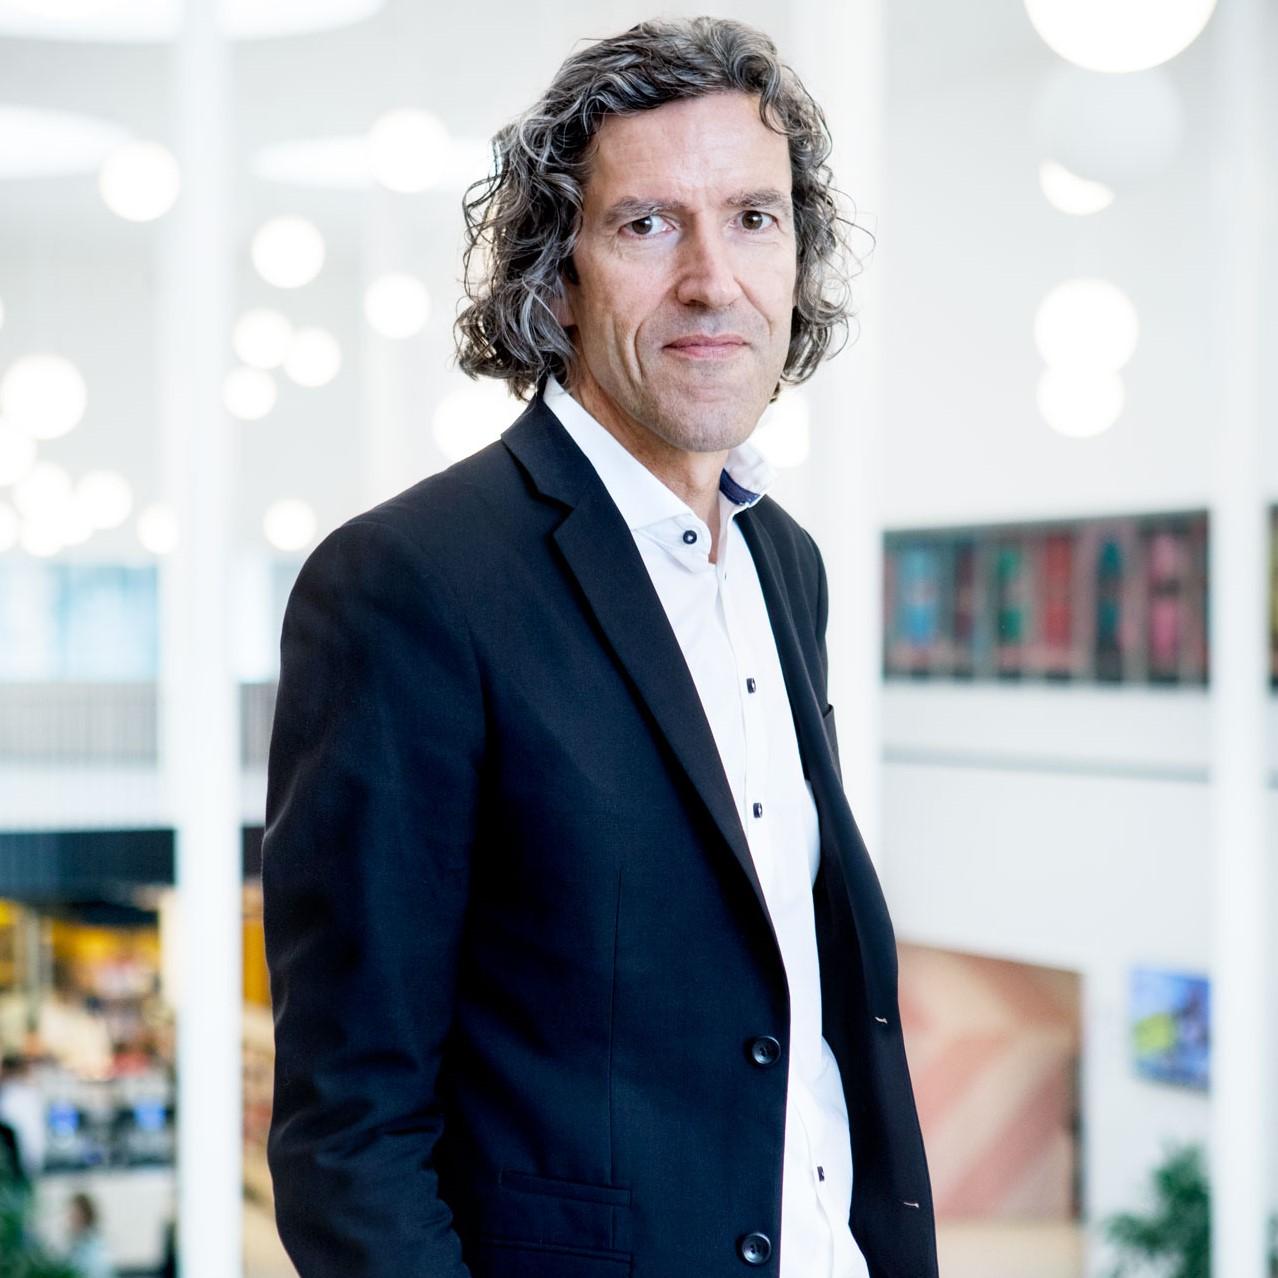 André Nollkaemper